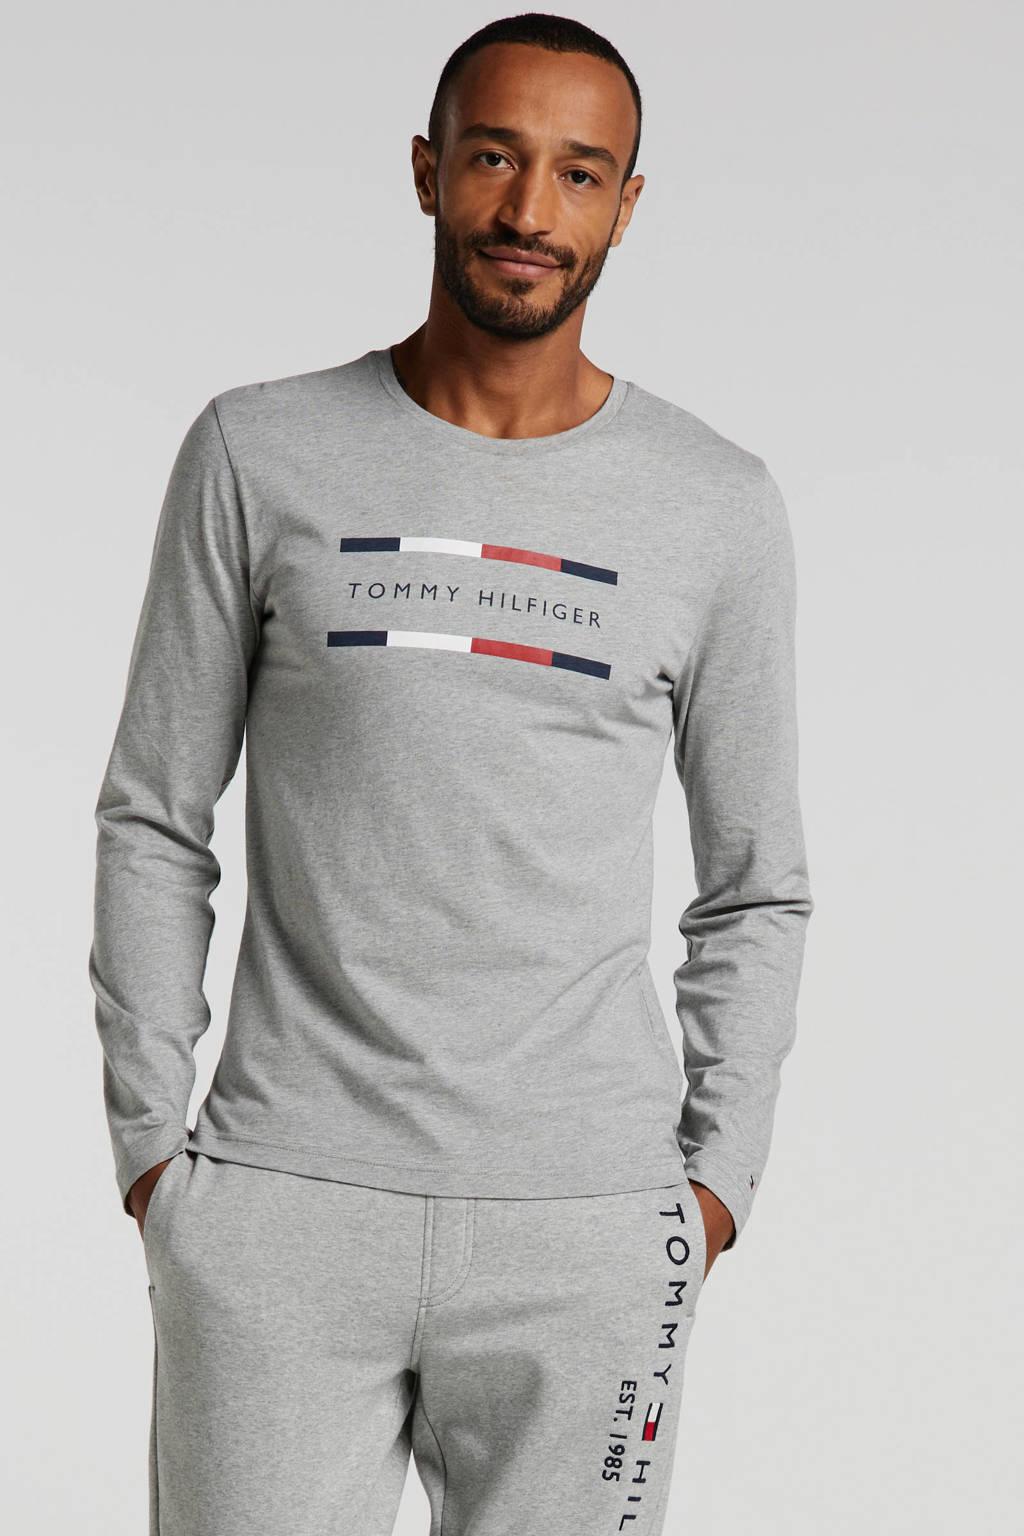 Tommy Hilfiger T-shirt van biologisch katoen grijs, Grijs